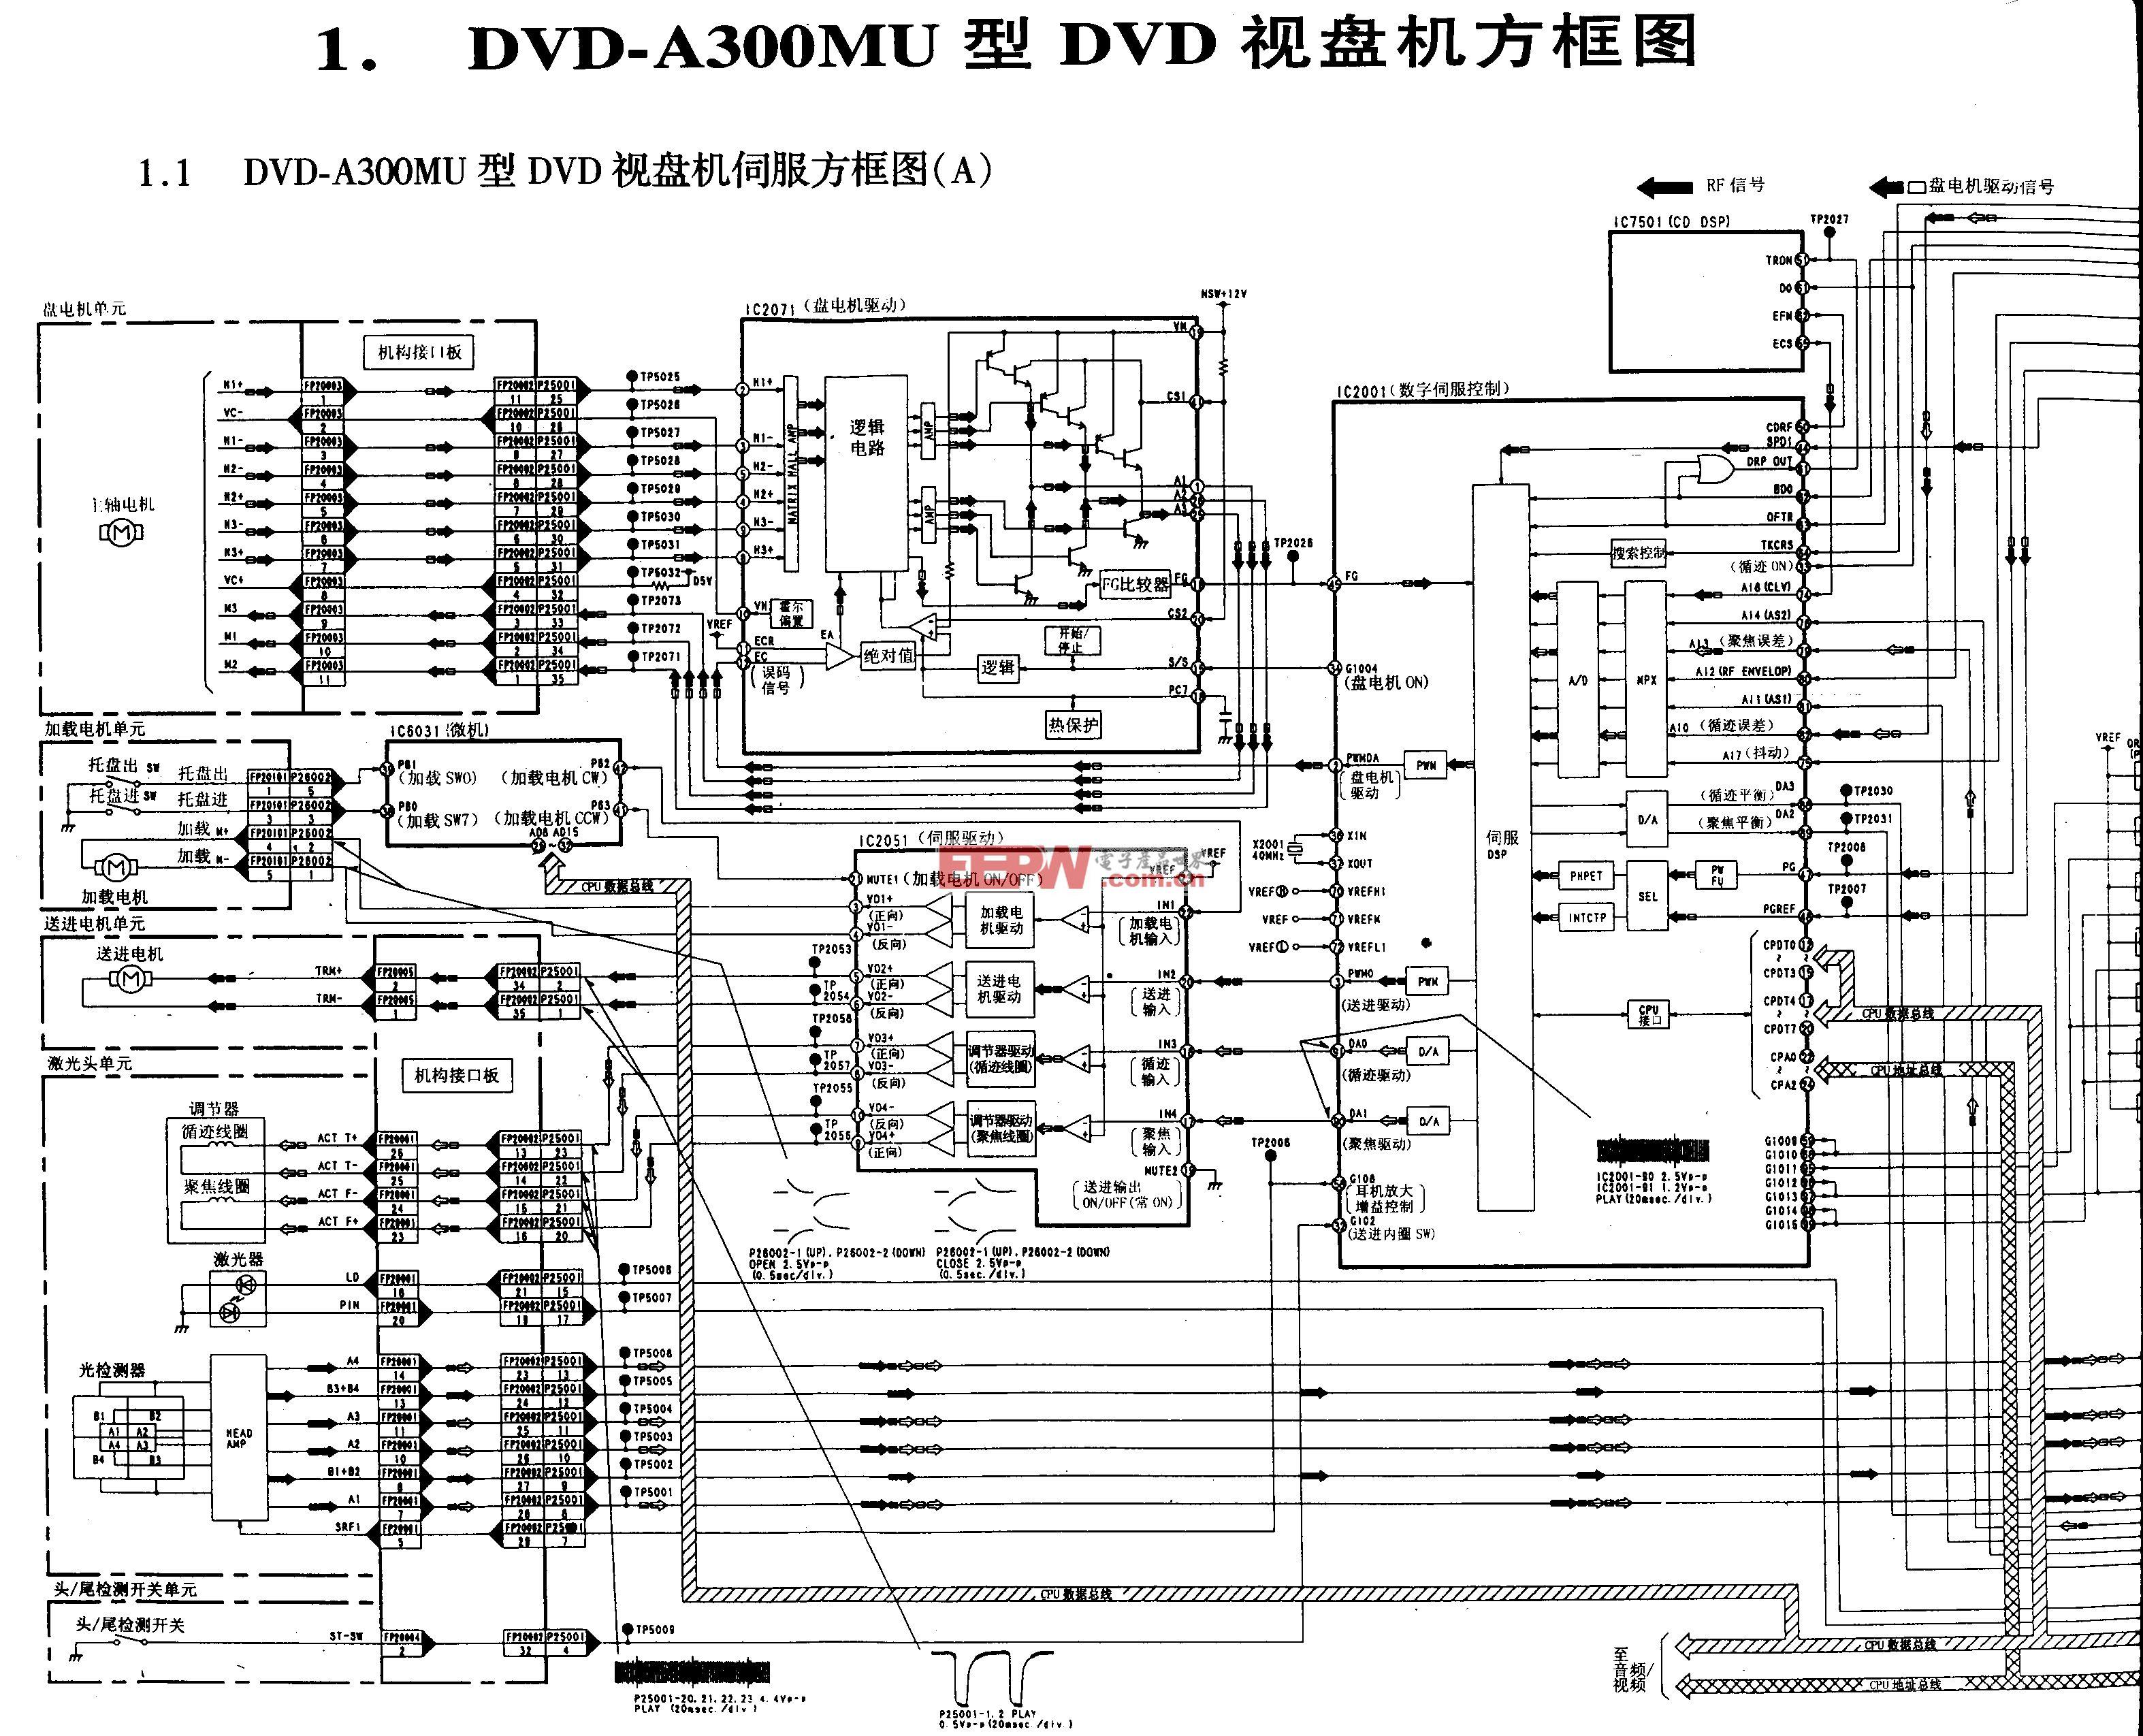 松下DVD-A300MU型DVD-伺服方框图A